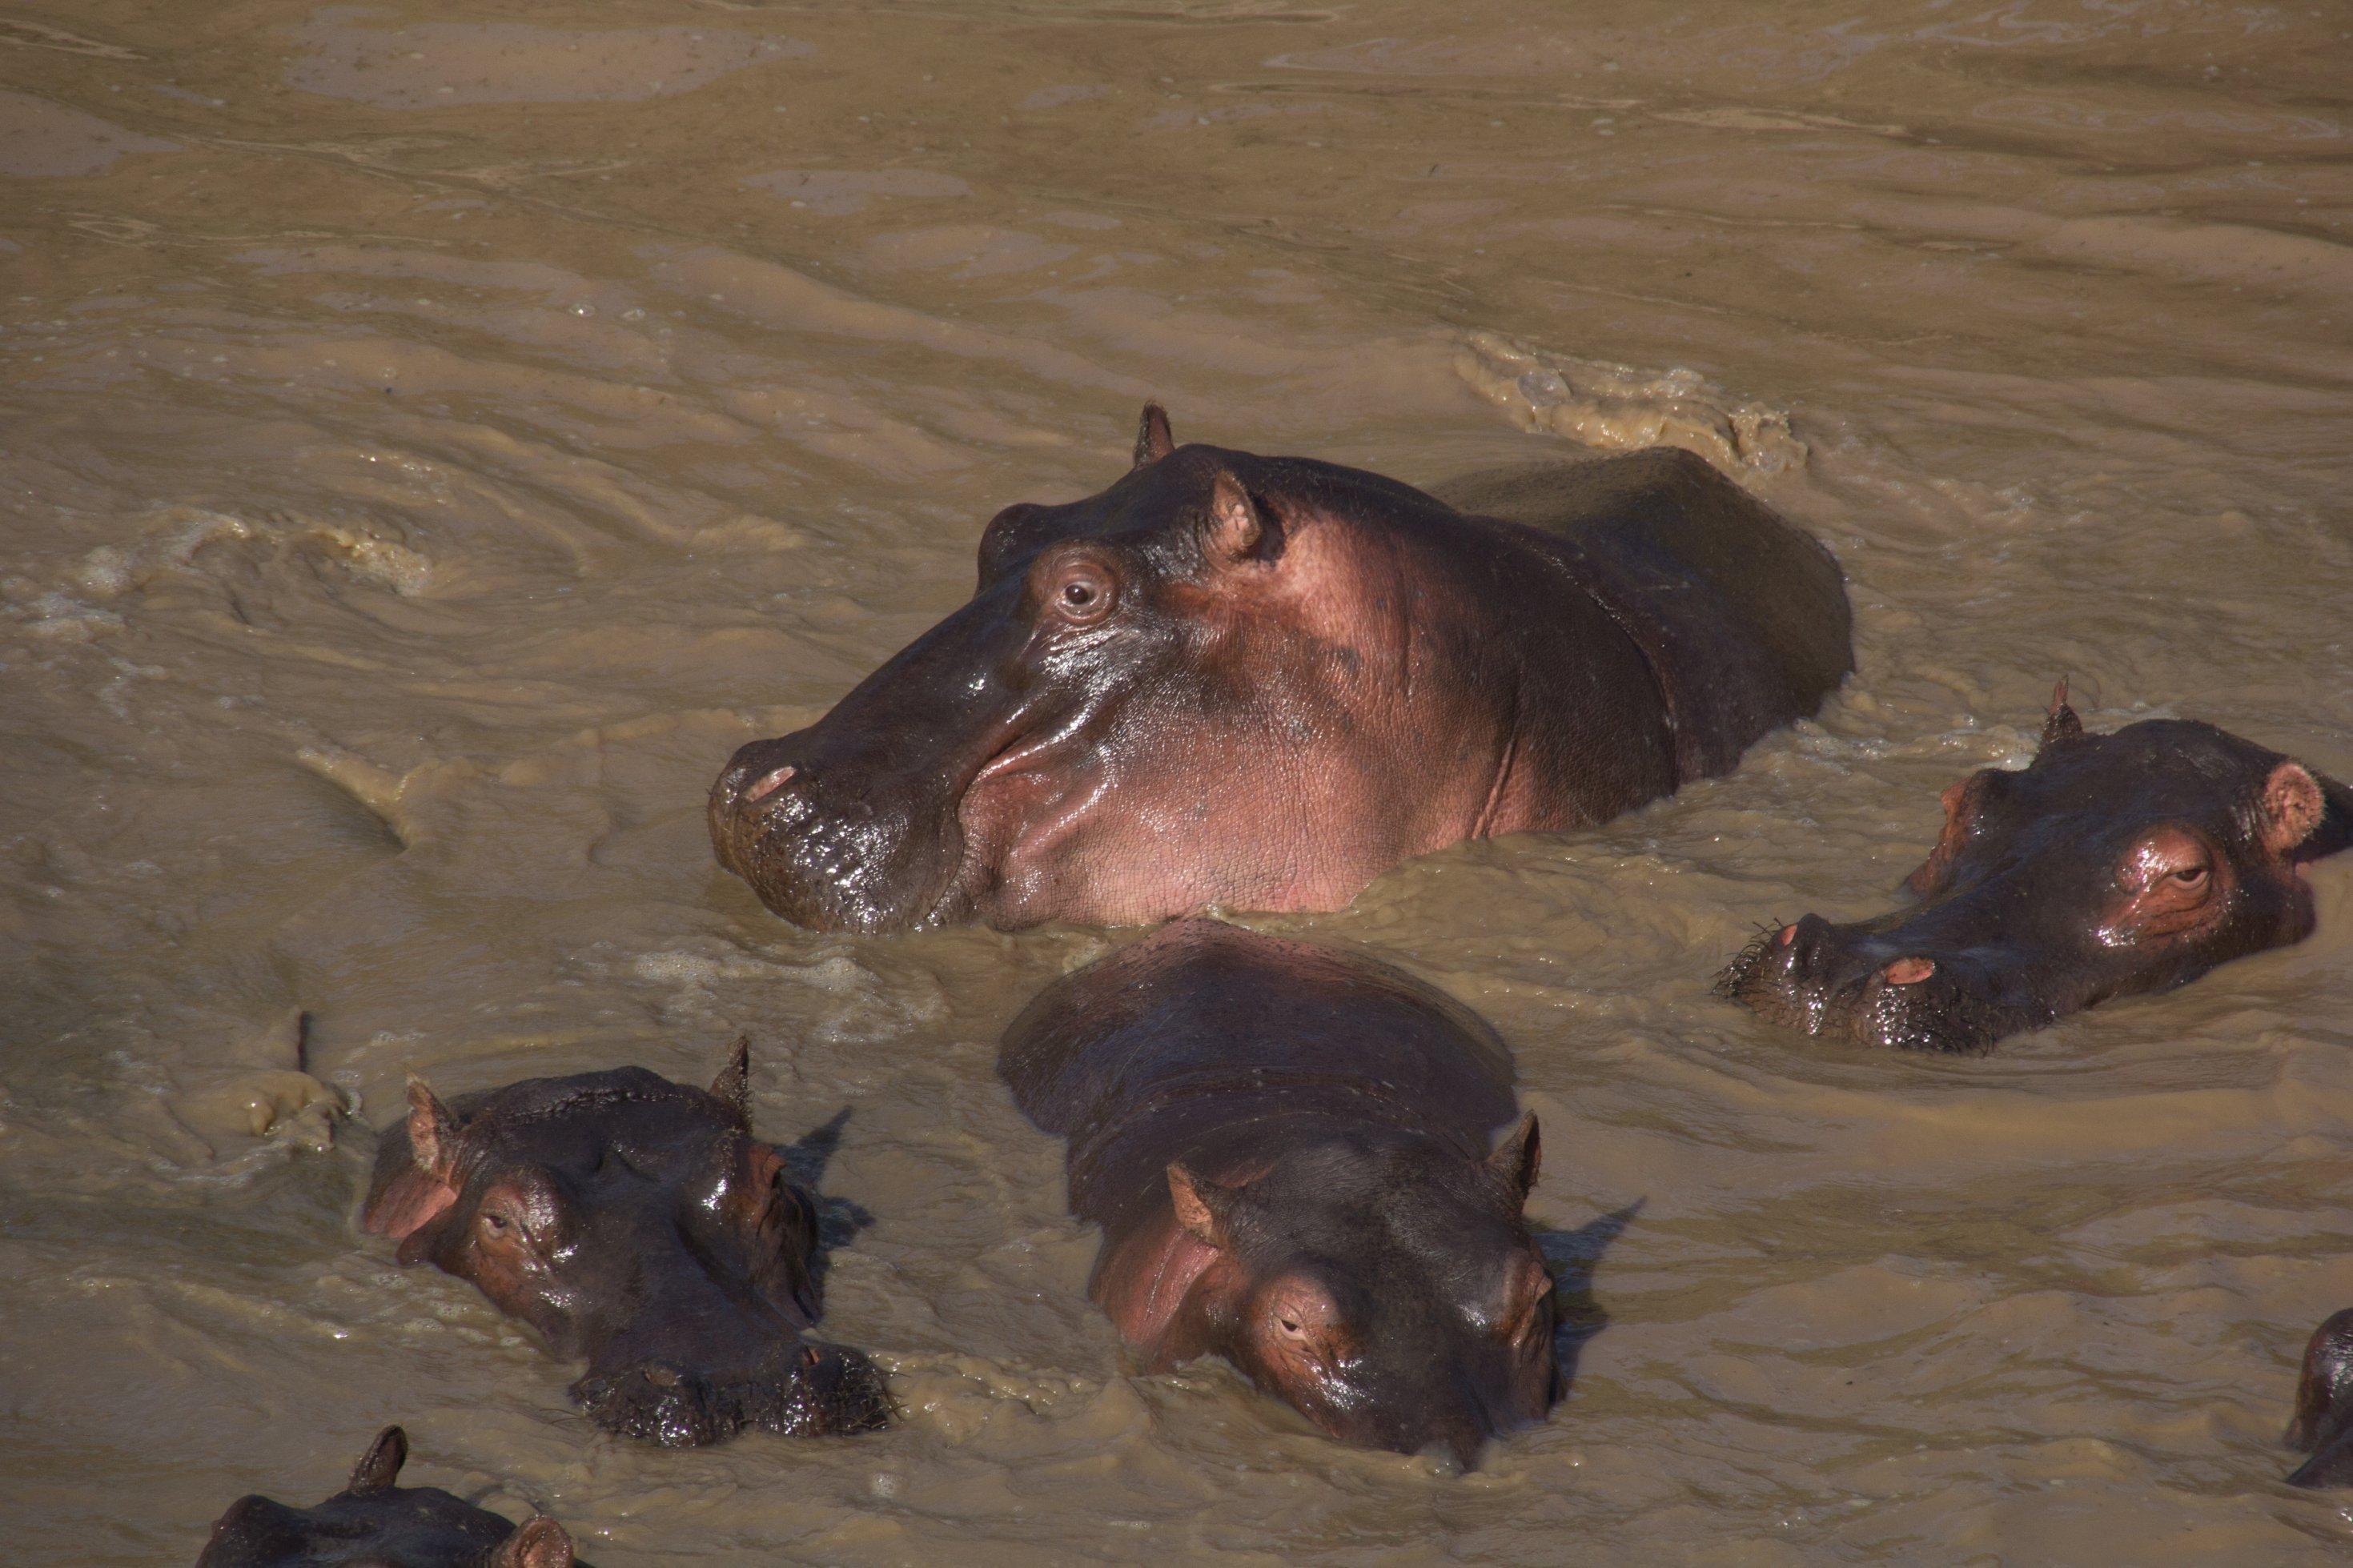 Einige Flusspferde sind mit ihren Köpfen aus dem Mara aufgetaucht.